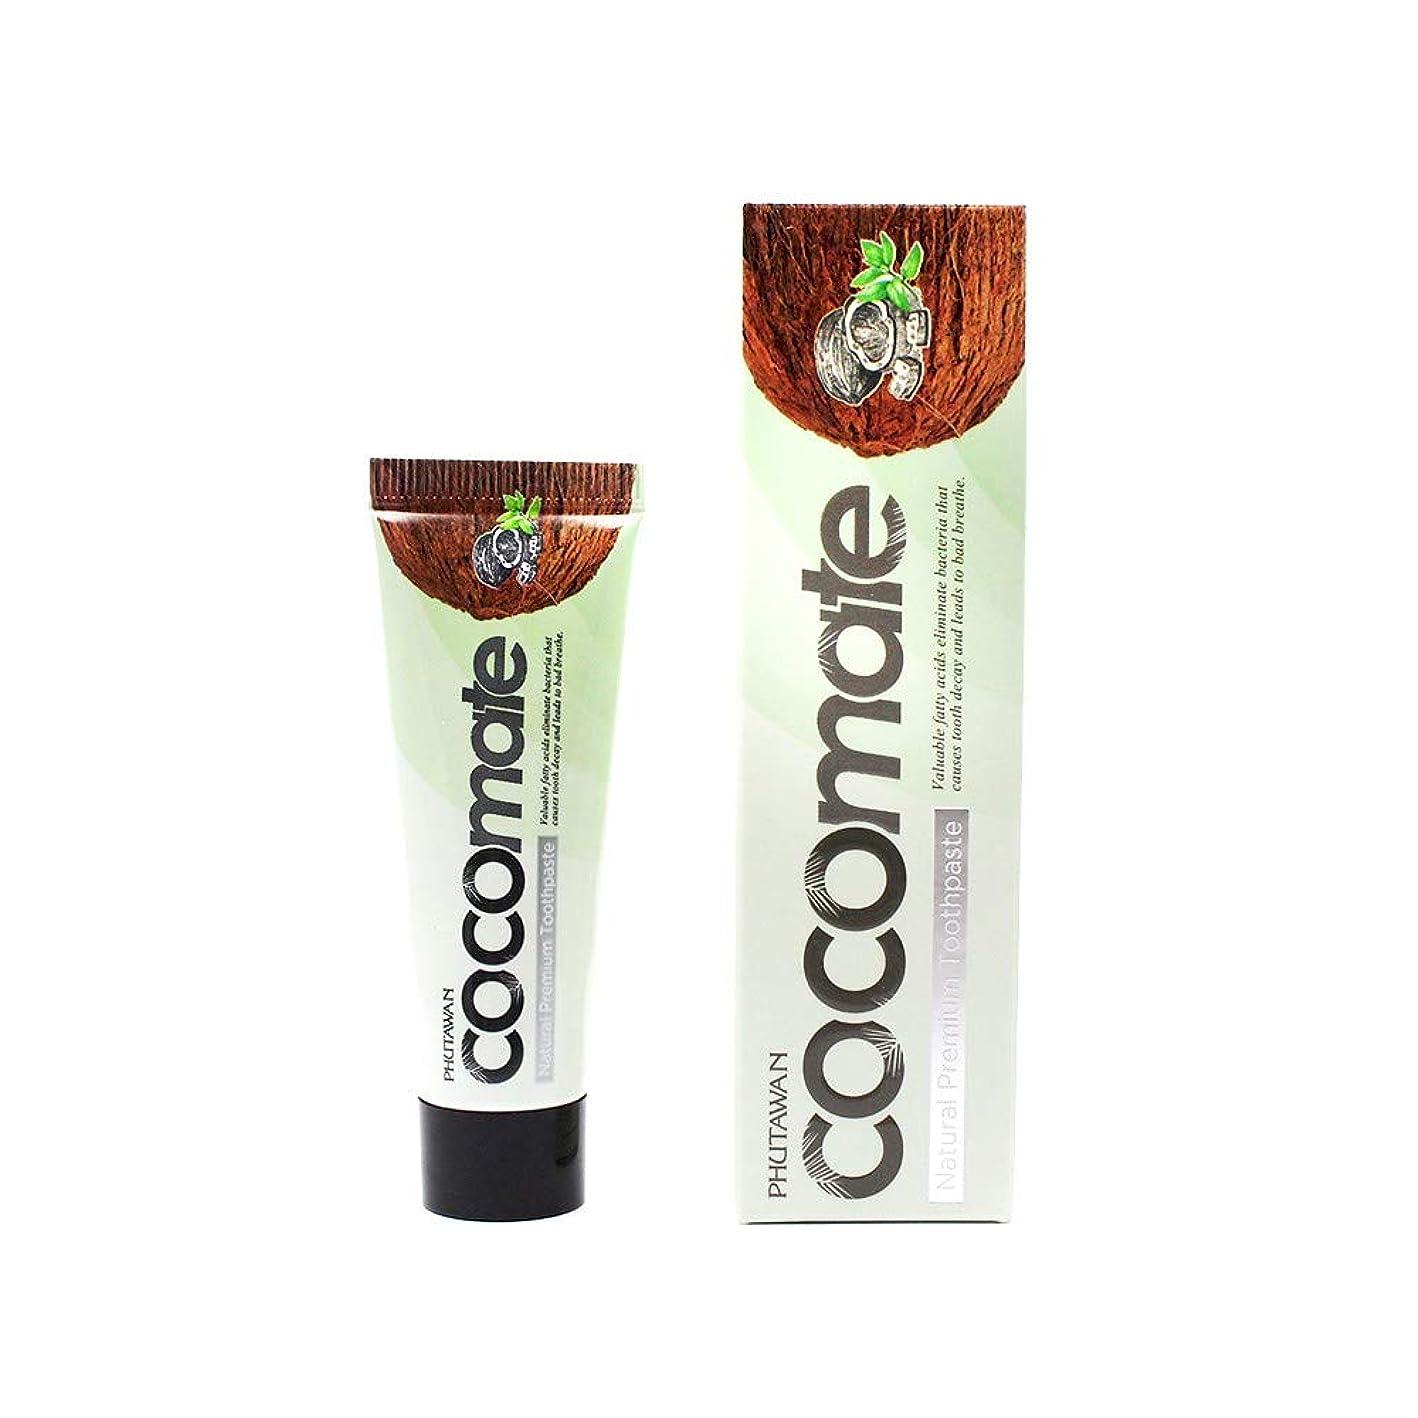 机発疹ペンダント歯磨き粉 Cocomate Natural Premium Toothpaste